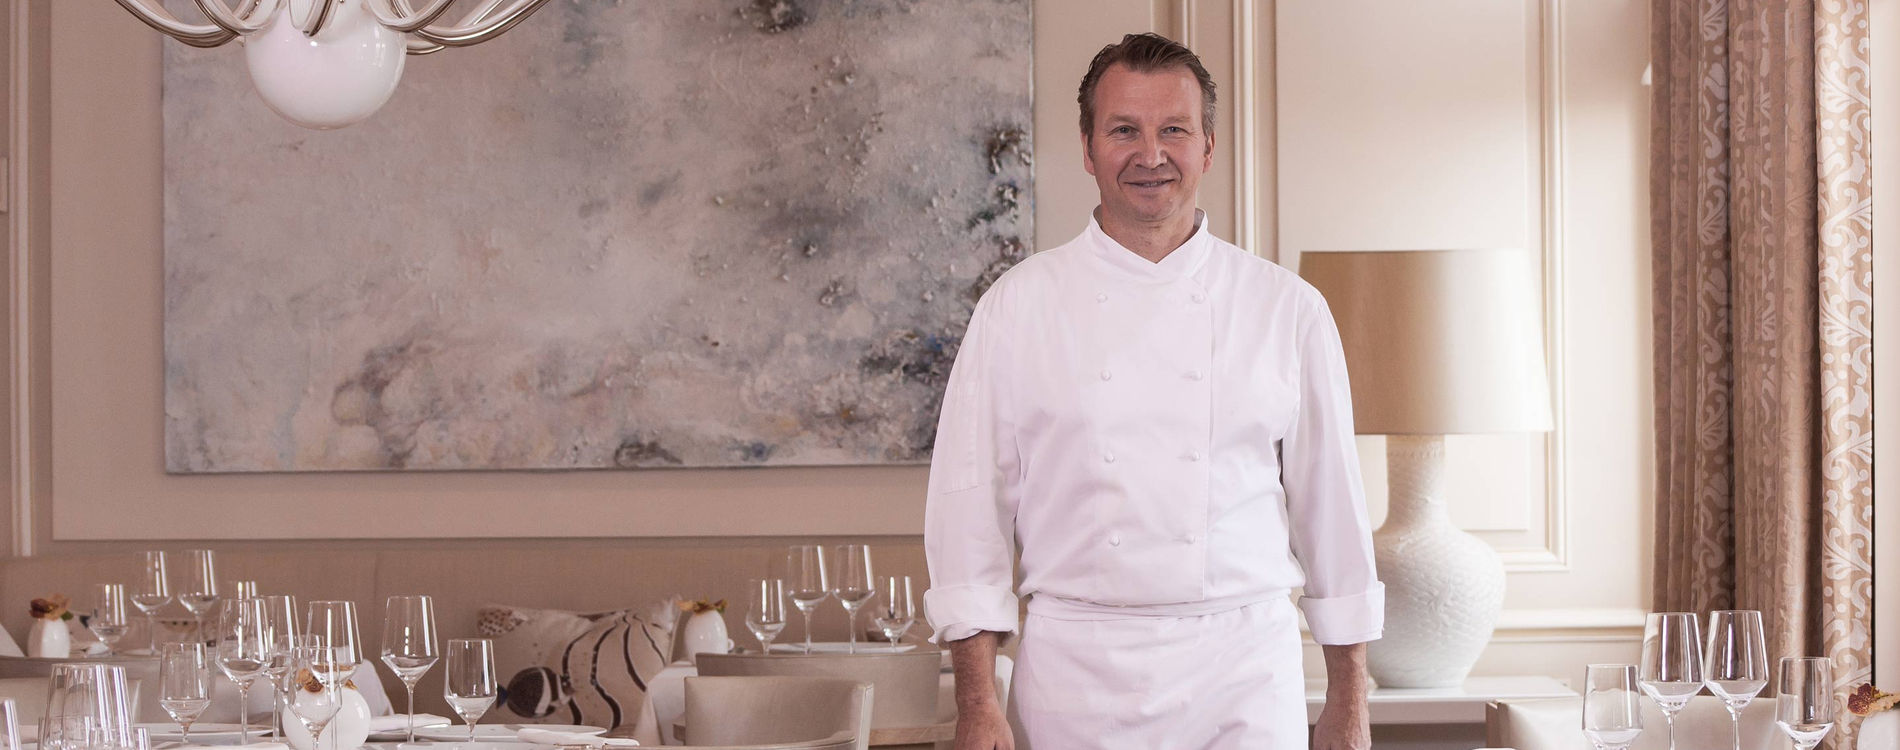 Hotel Hermitage Monte-Carlo Restaurant Le Vistamar Monaco Chef Benoit Witz